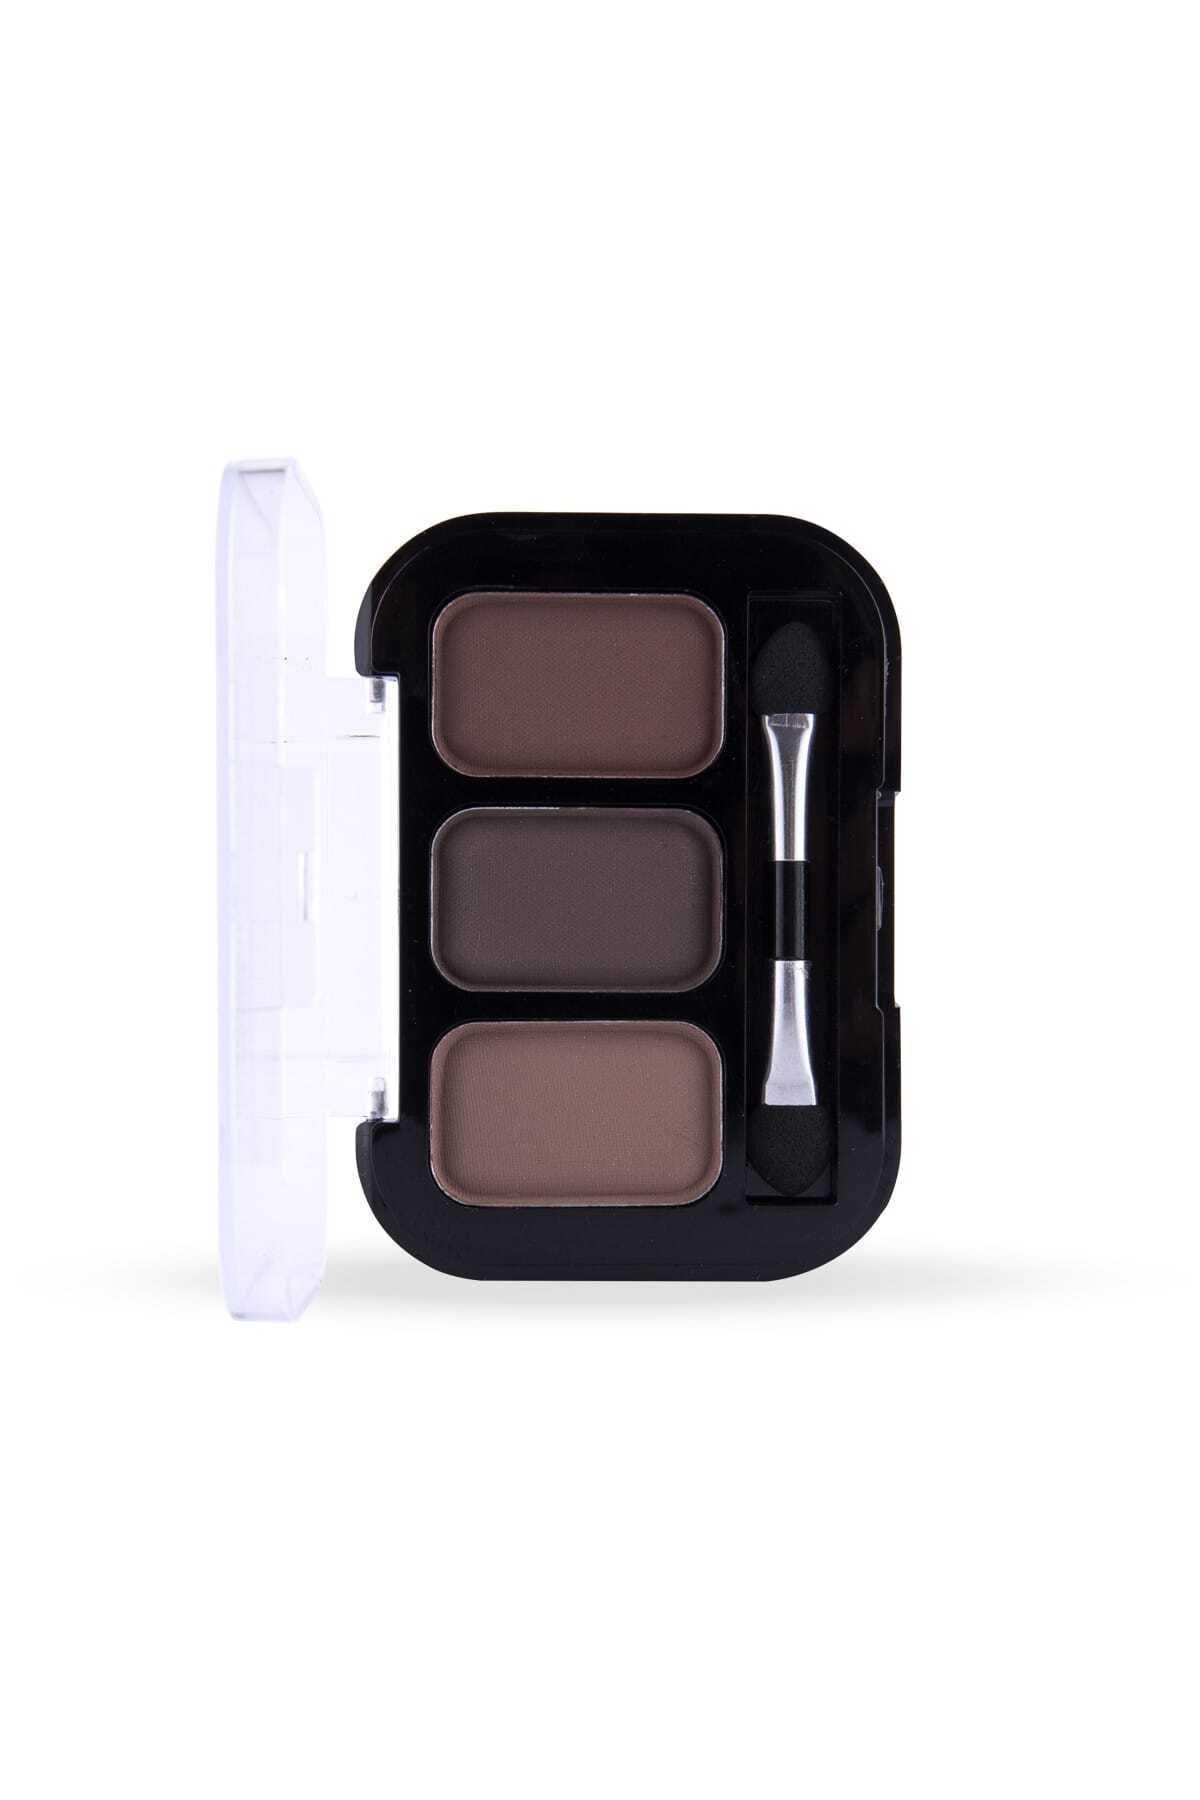 Cocosh She Eyebrow High-brow True Color 02 Medium 3'lü Kaş Farı -8681569700314 1